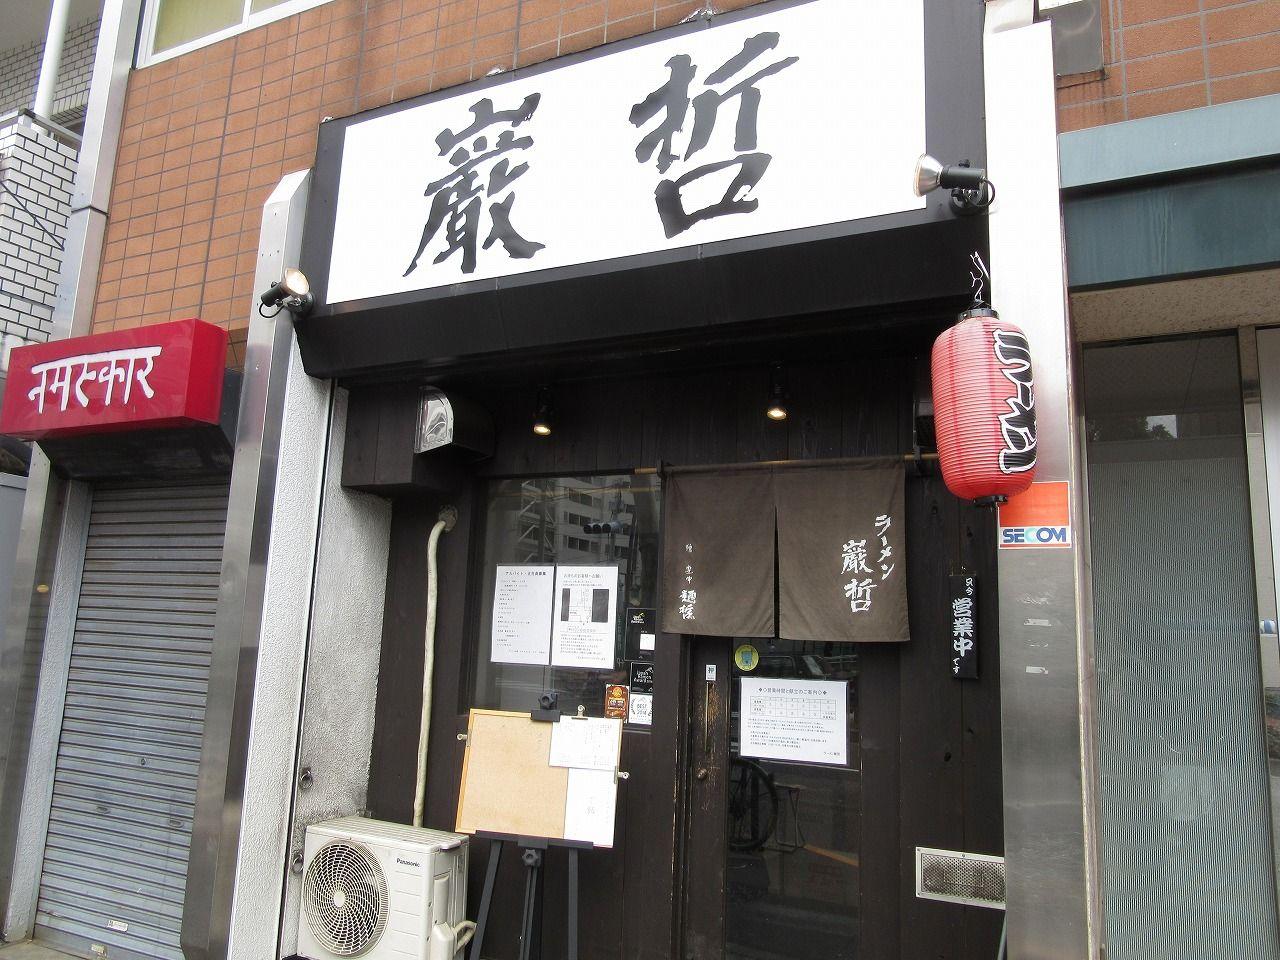 somenmanのラーメンブログ。:ラーメン 巌哲@早稲田 - livedoor Blog ...